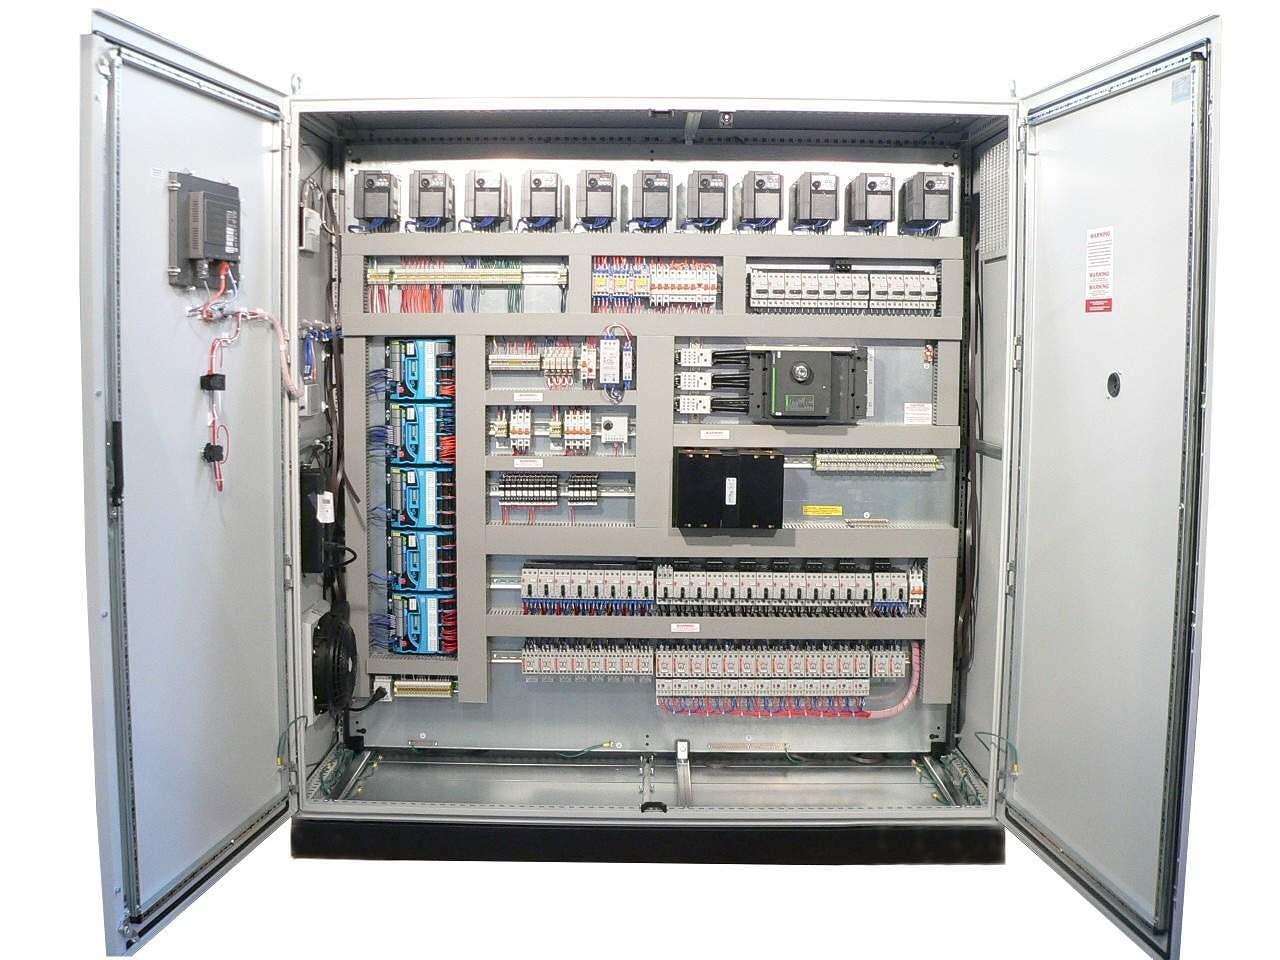 Macneil Car Wash Equipment >> Laguna Industries Tunnel Controllers - Car Wash Equipment - PSI